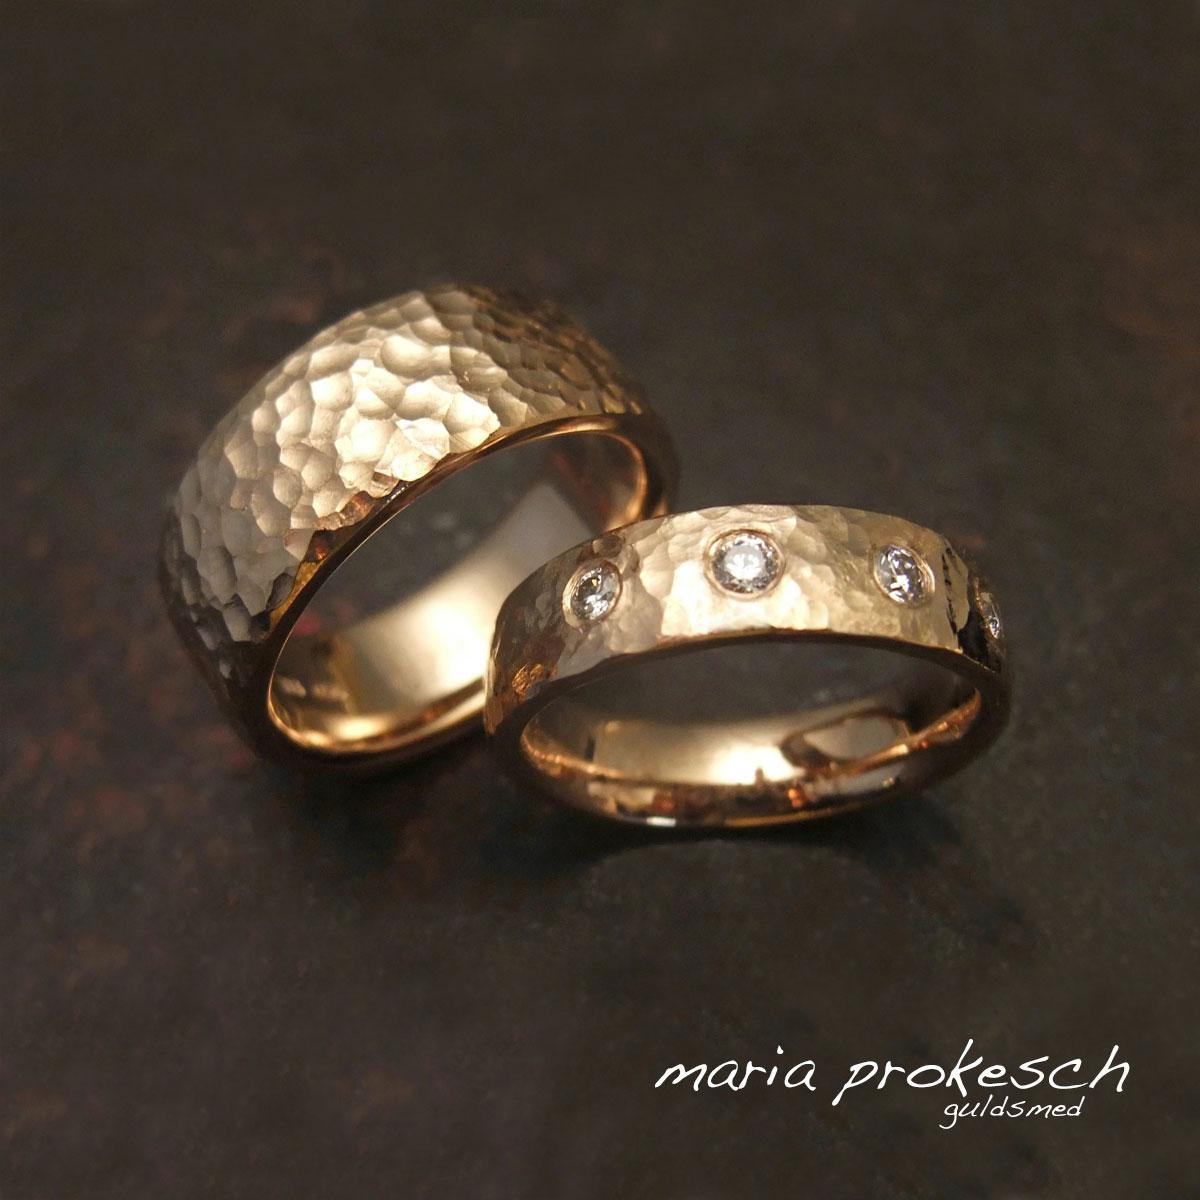 14 kt guldringe med sten, rustikke i råt design. Vælg til bryllup håndlavede vielsesringe med jeres design og personlighed